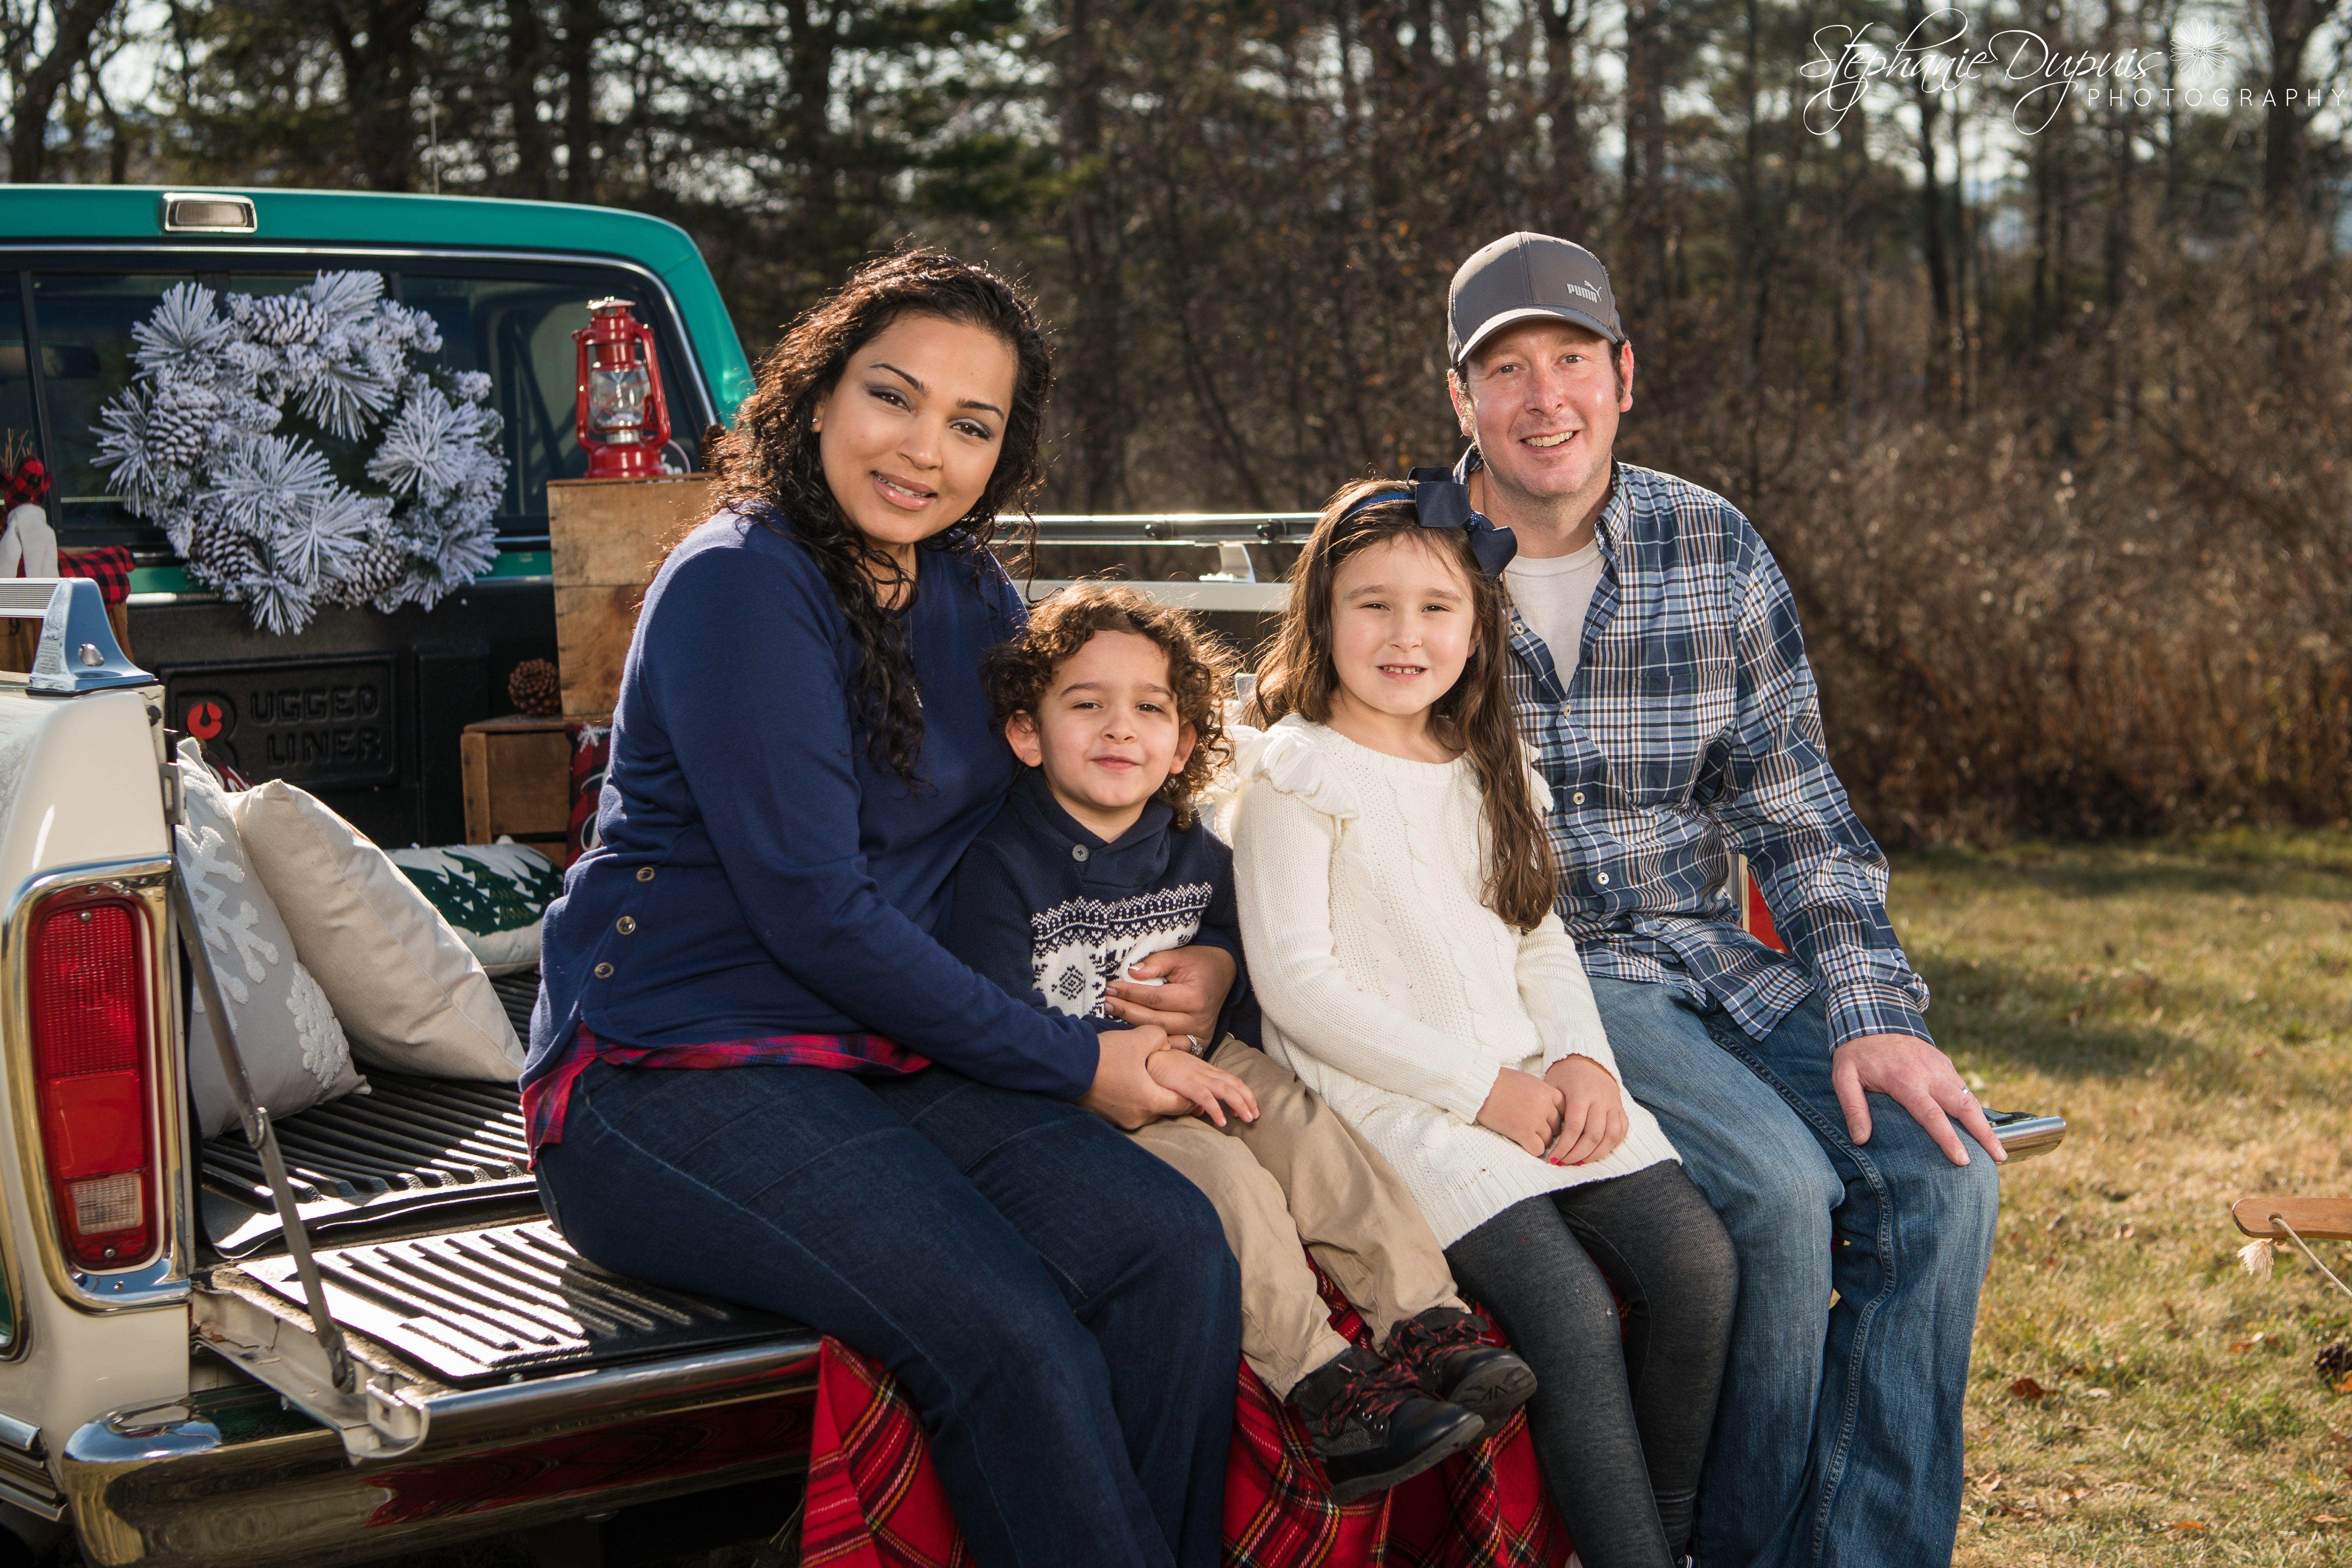 85S3356 Edit - Portfolio: Winter Truck Minis Session